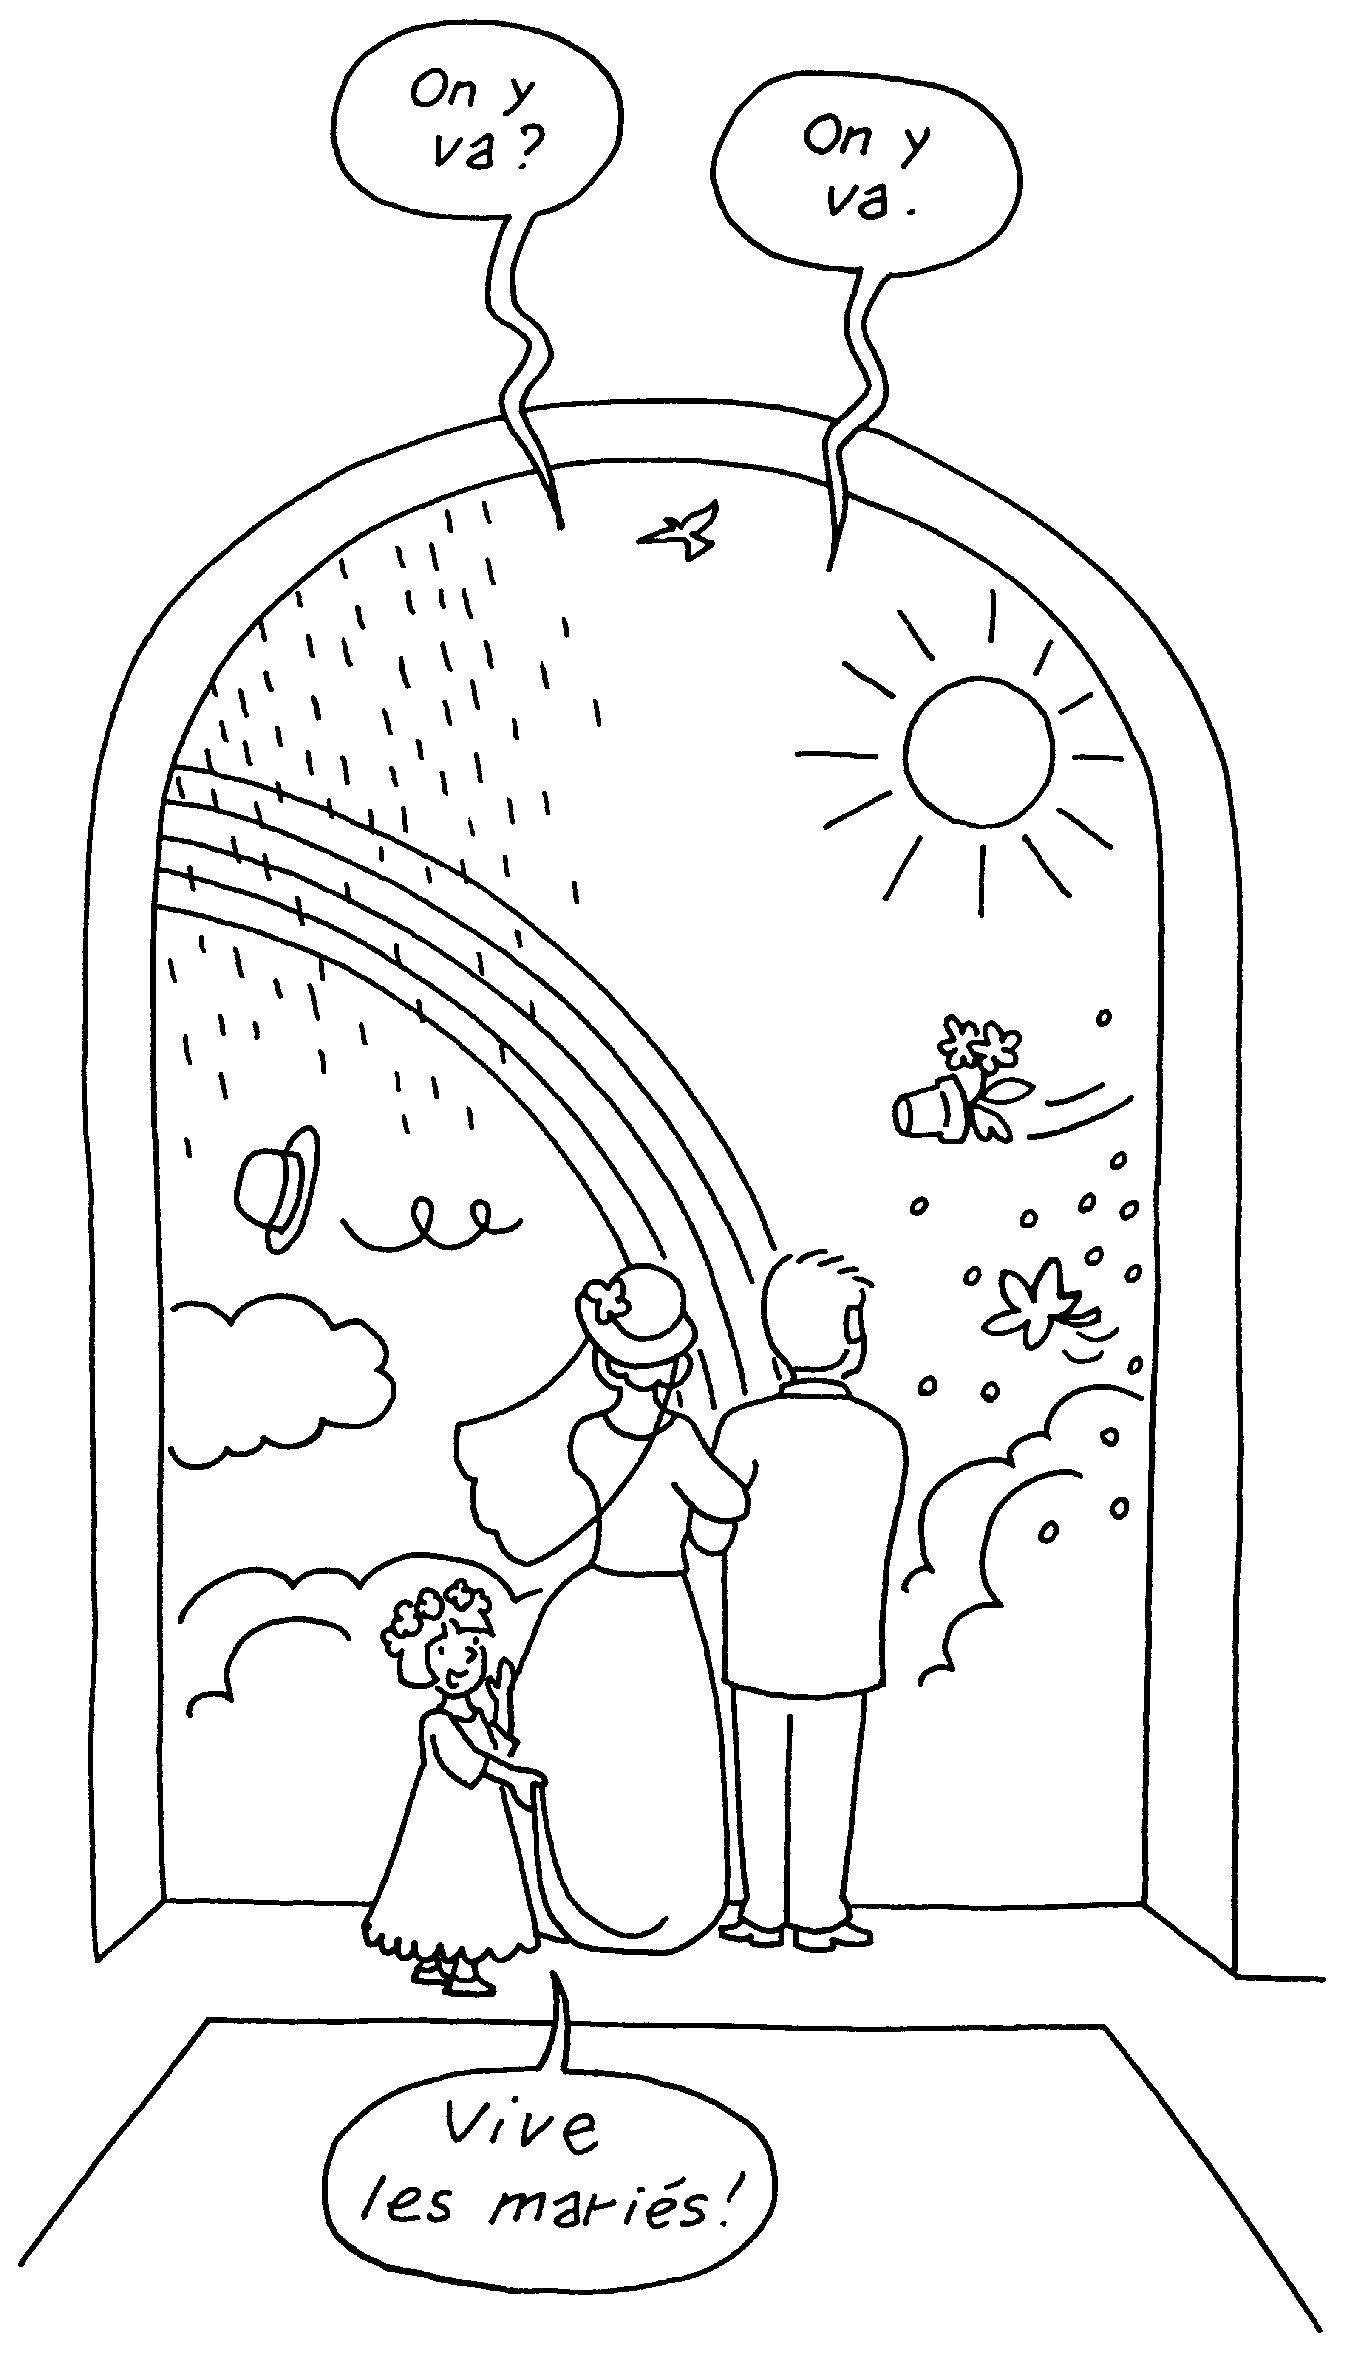 Le mariage unit pastorale de malmedy - Dessin eglise ...